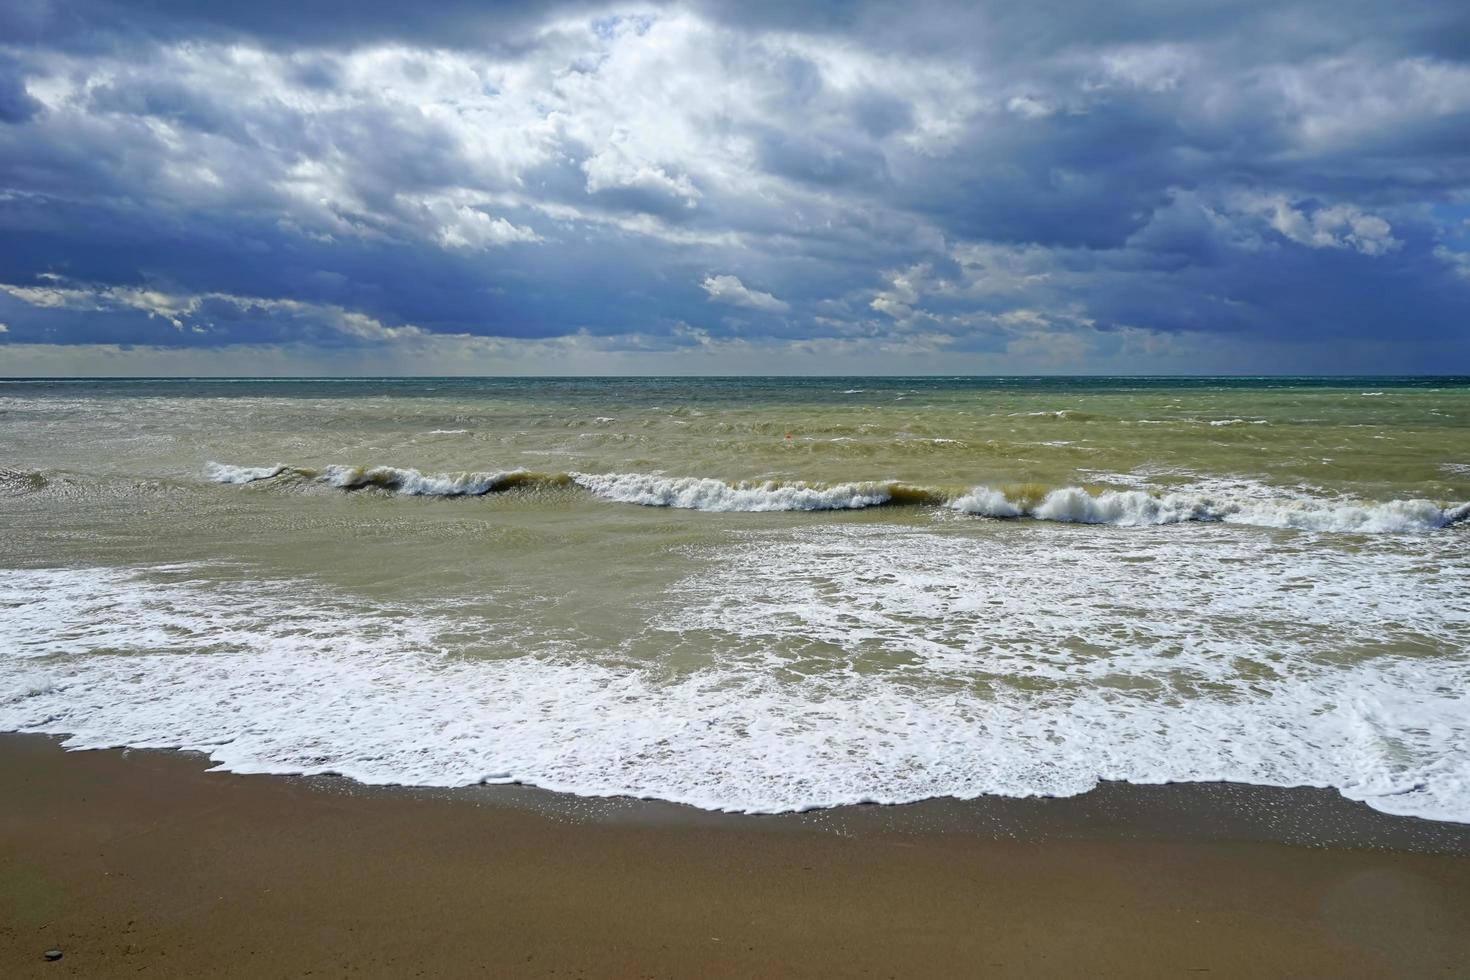 paesaggio marino con bellissime onde color smeraldo. foto